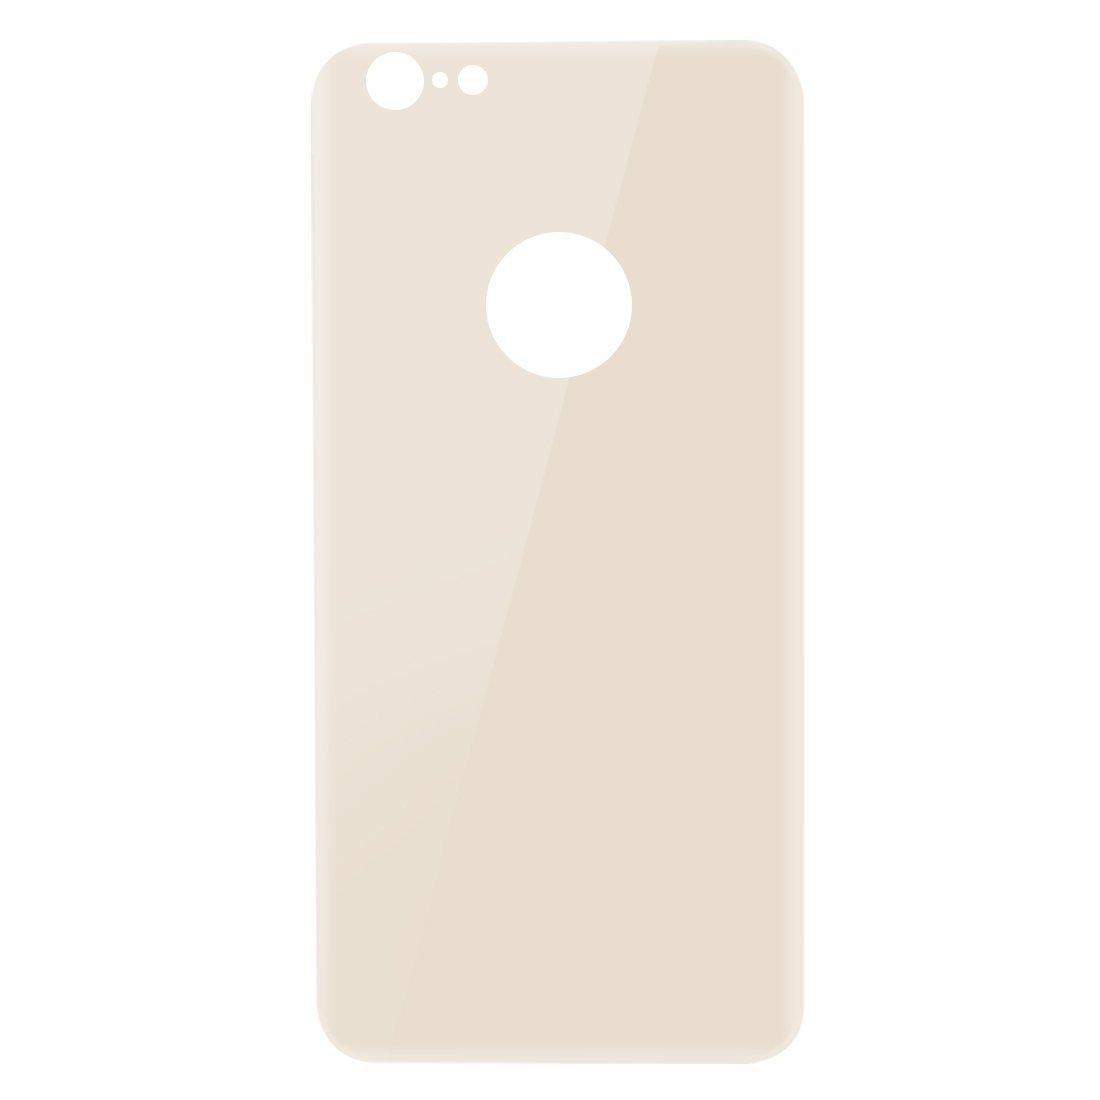 ShineMind Shō Apple iPhone6 /6 /6 cộng toàn màn hình độ nét cao cả bao phủ bề mặt màng 3 chiều cạo b